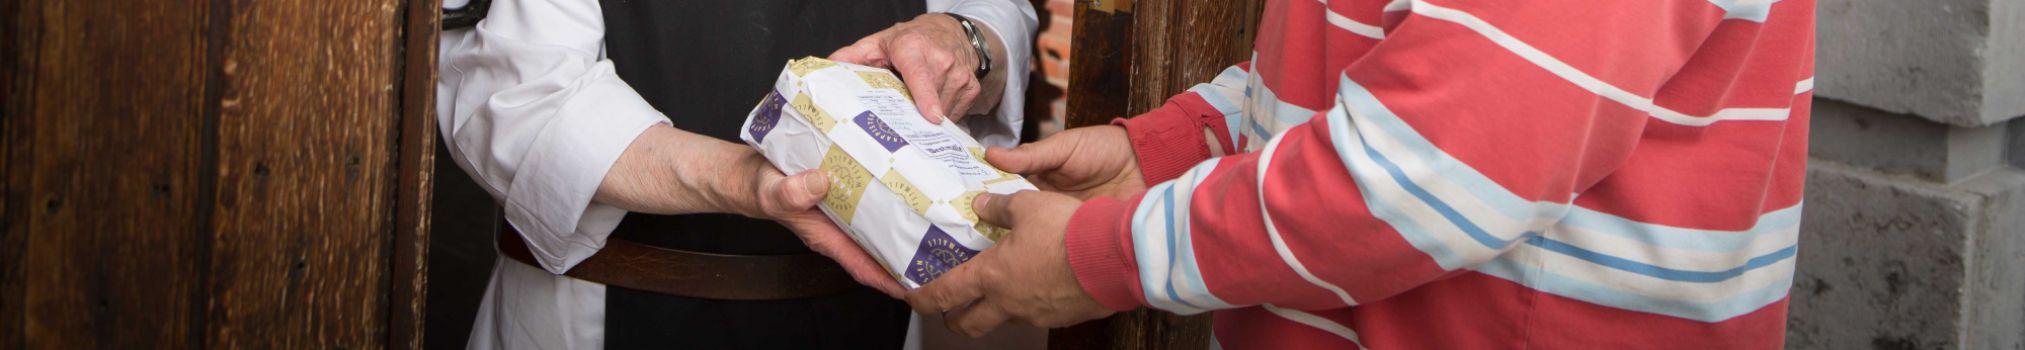 all'ingresso dell'abbazia un confratello vende un formaggio trappista